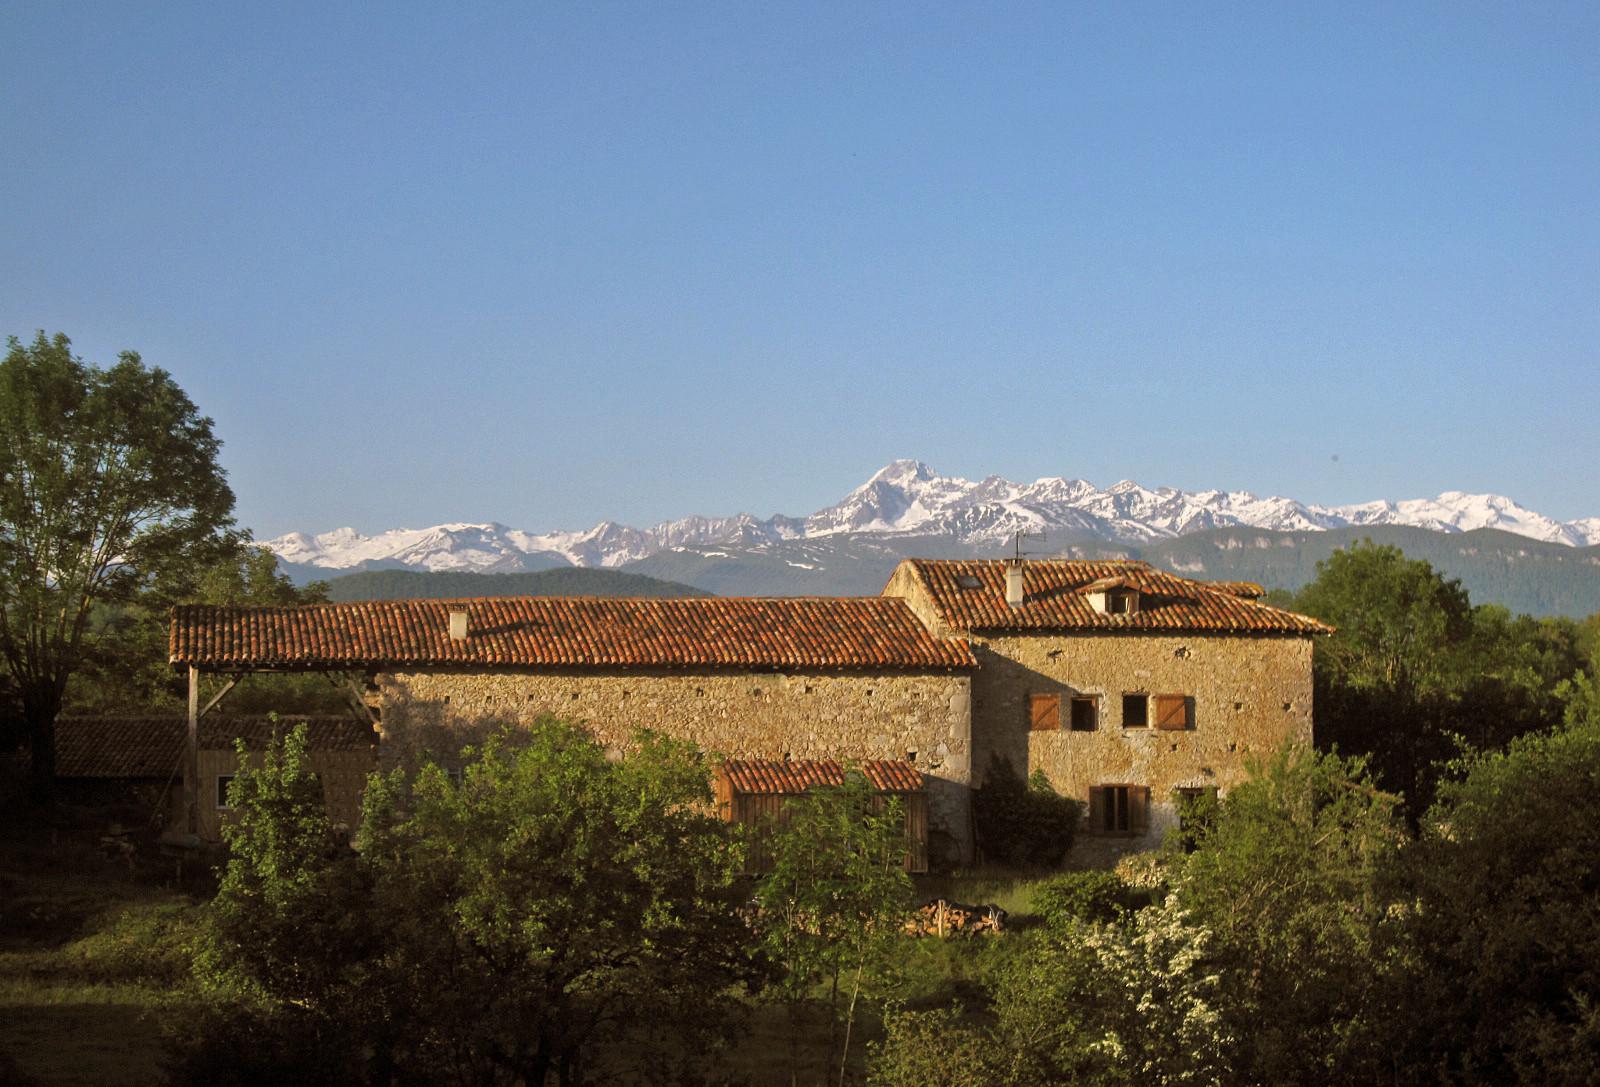 Enlène et sa vue panoramique sur la chaîne des Pyrénées